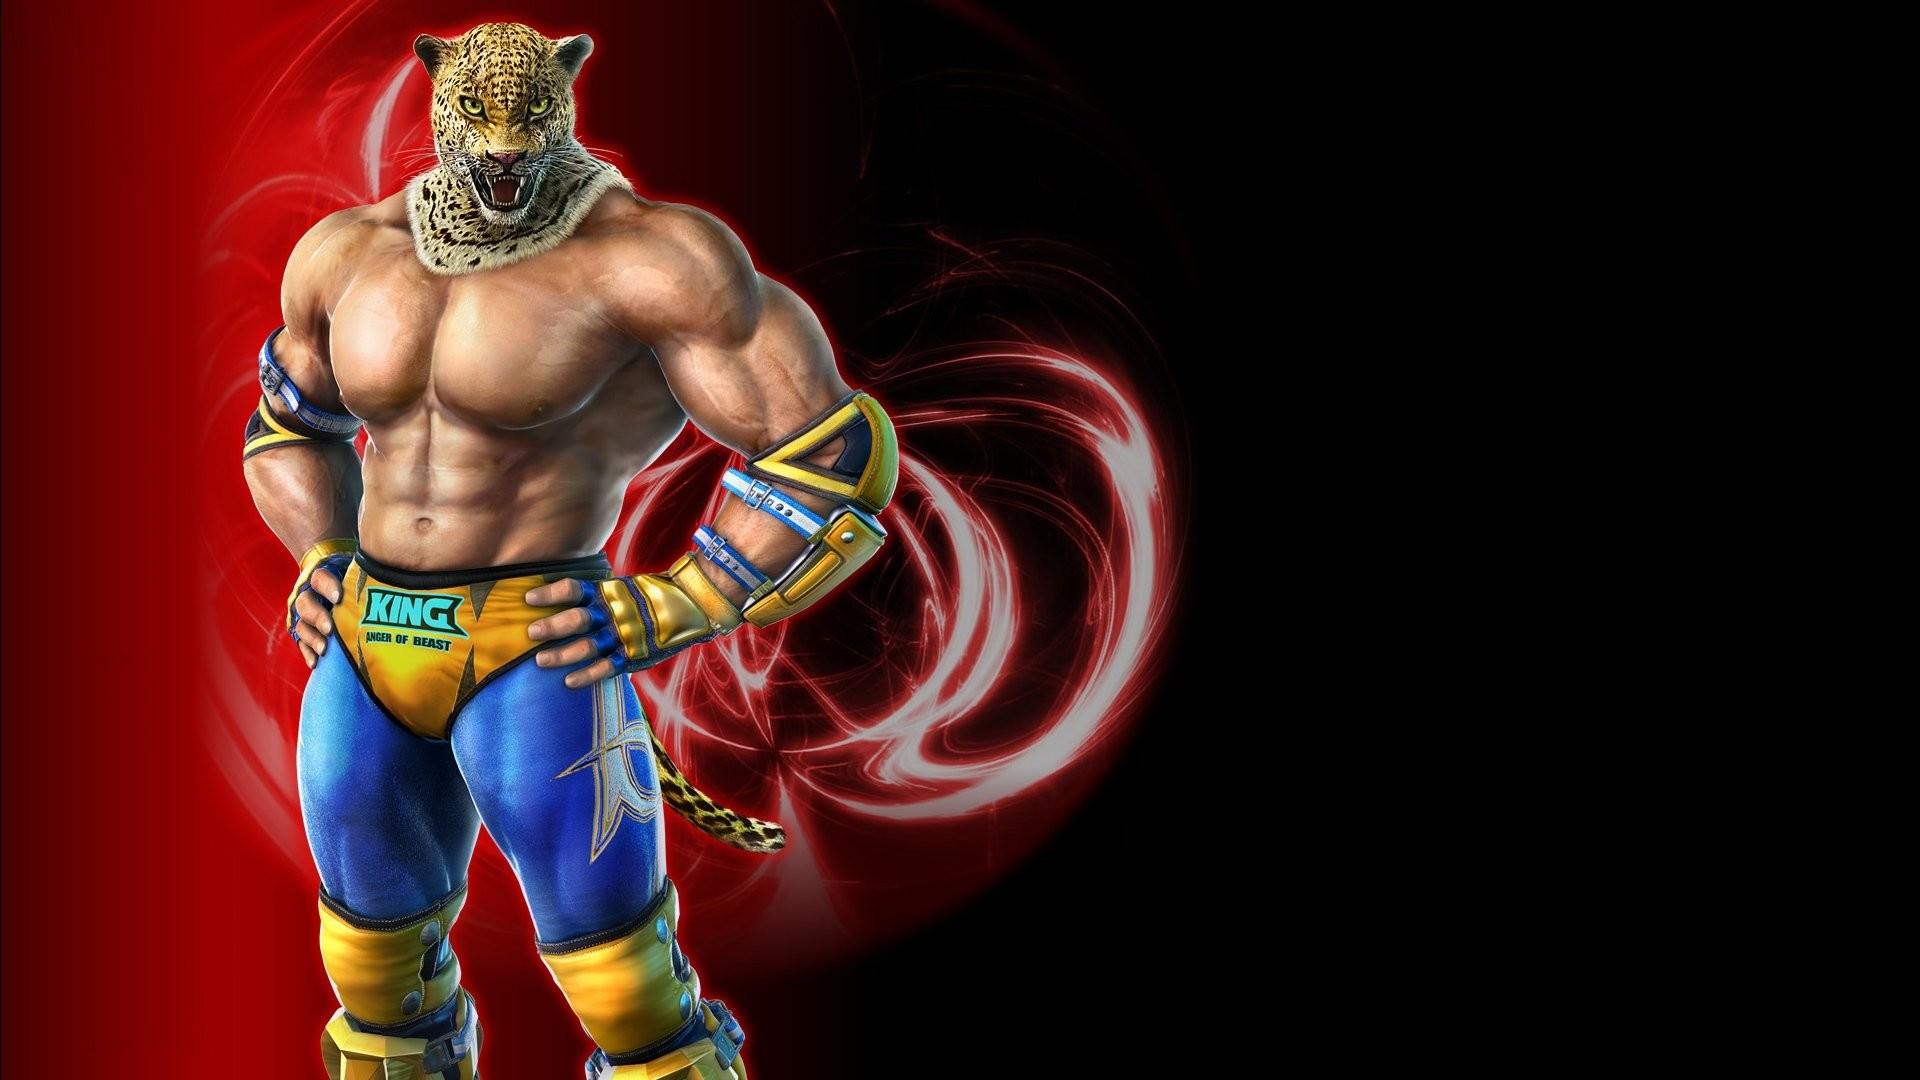 Tekken King Wallpaper Posted By Michelle Walker